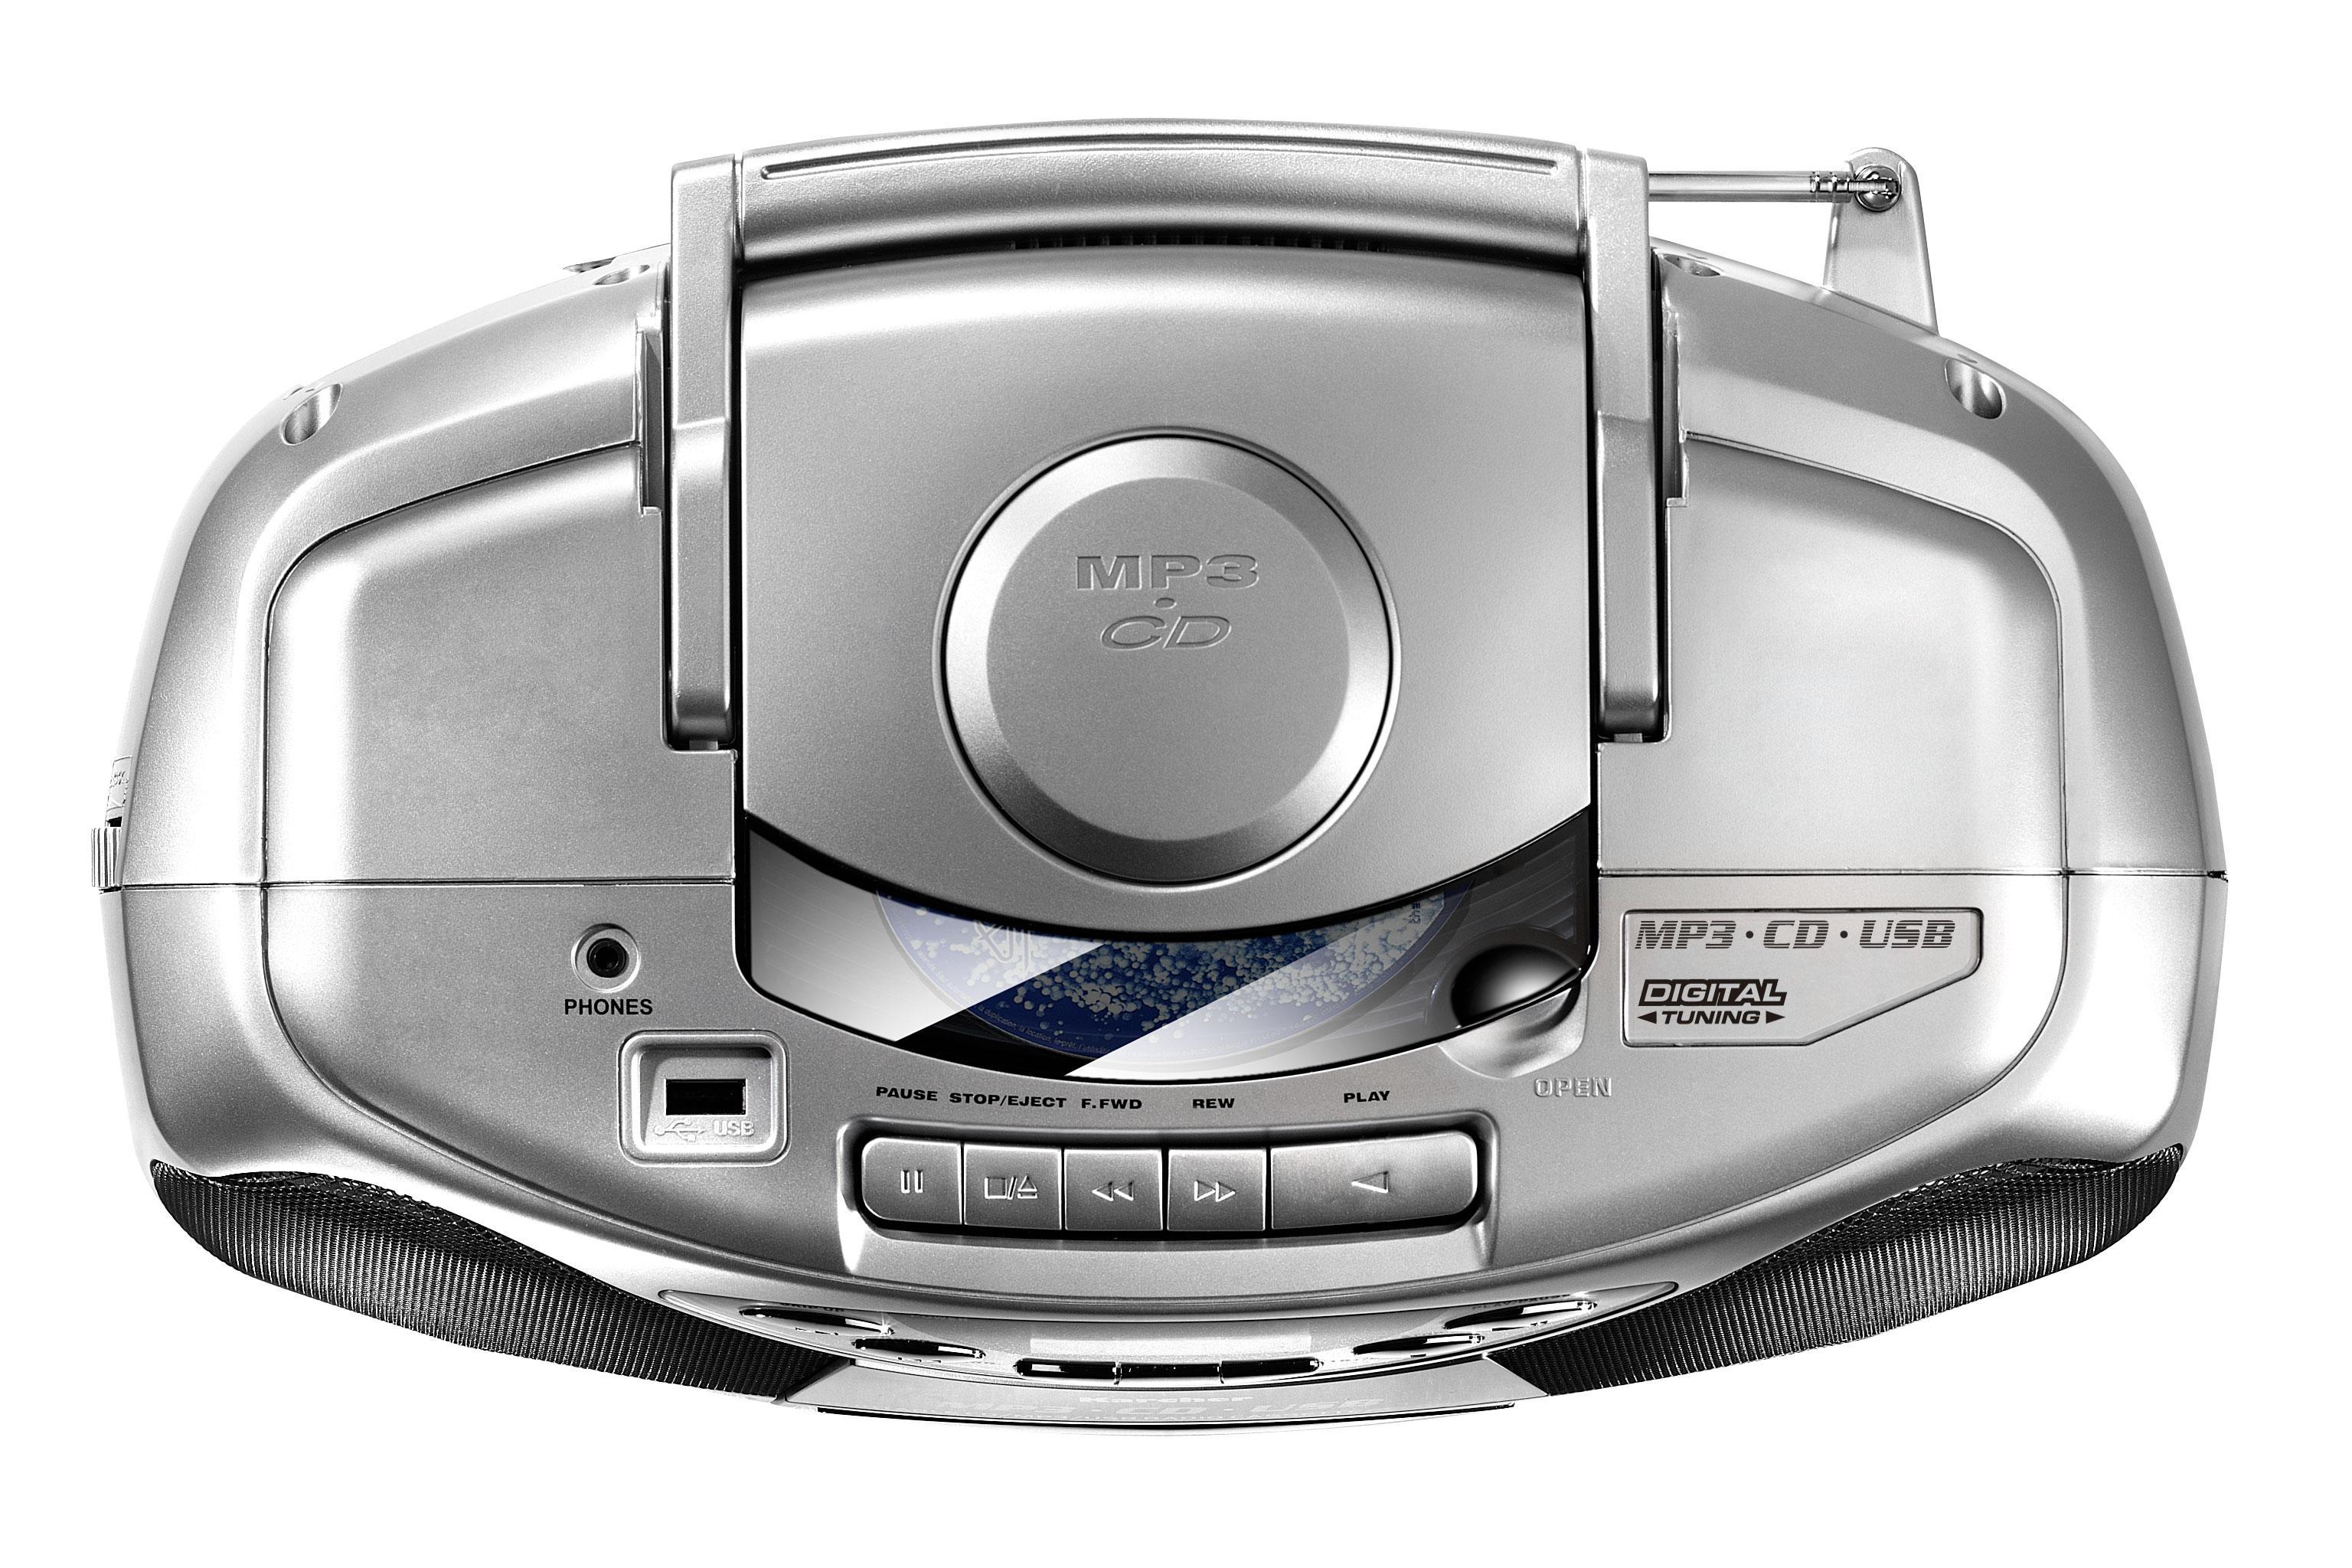 karcher rr 510n tragbares radio kassettendeck cd player. Black Bedroom Furniture Sets. Home Design Ideas